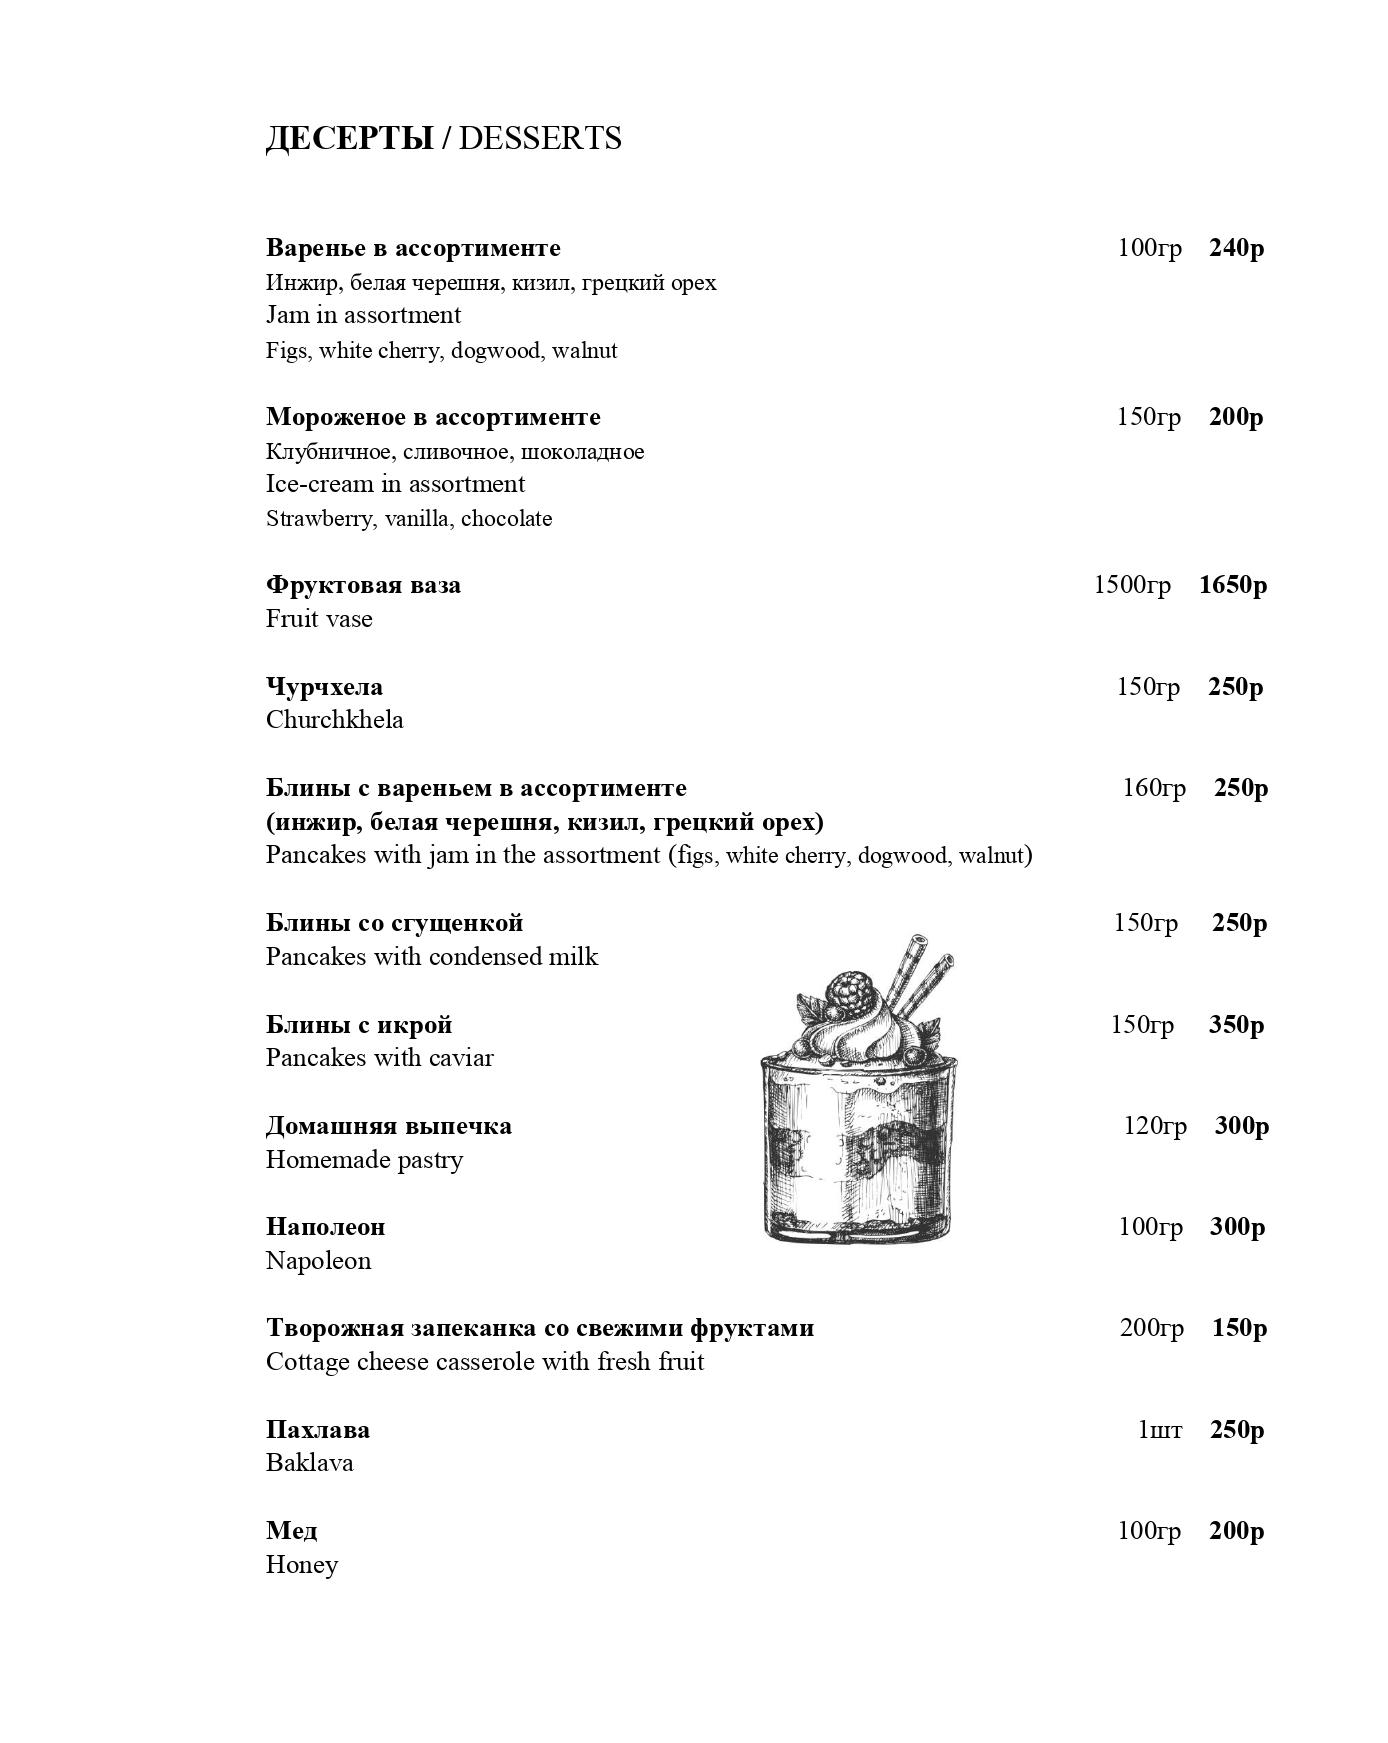 меню нижегородская (22 шт)_pages-to-jpg-0015